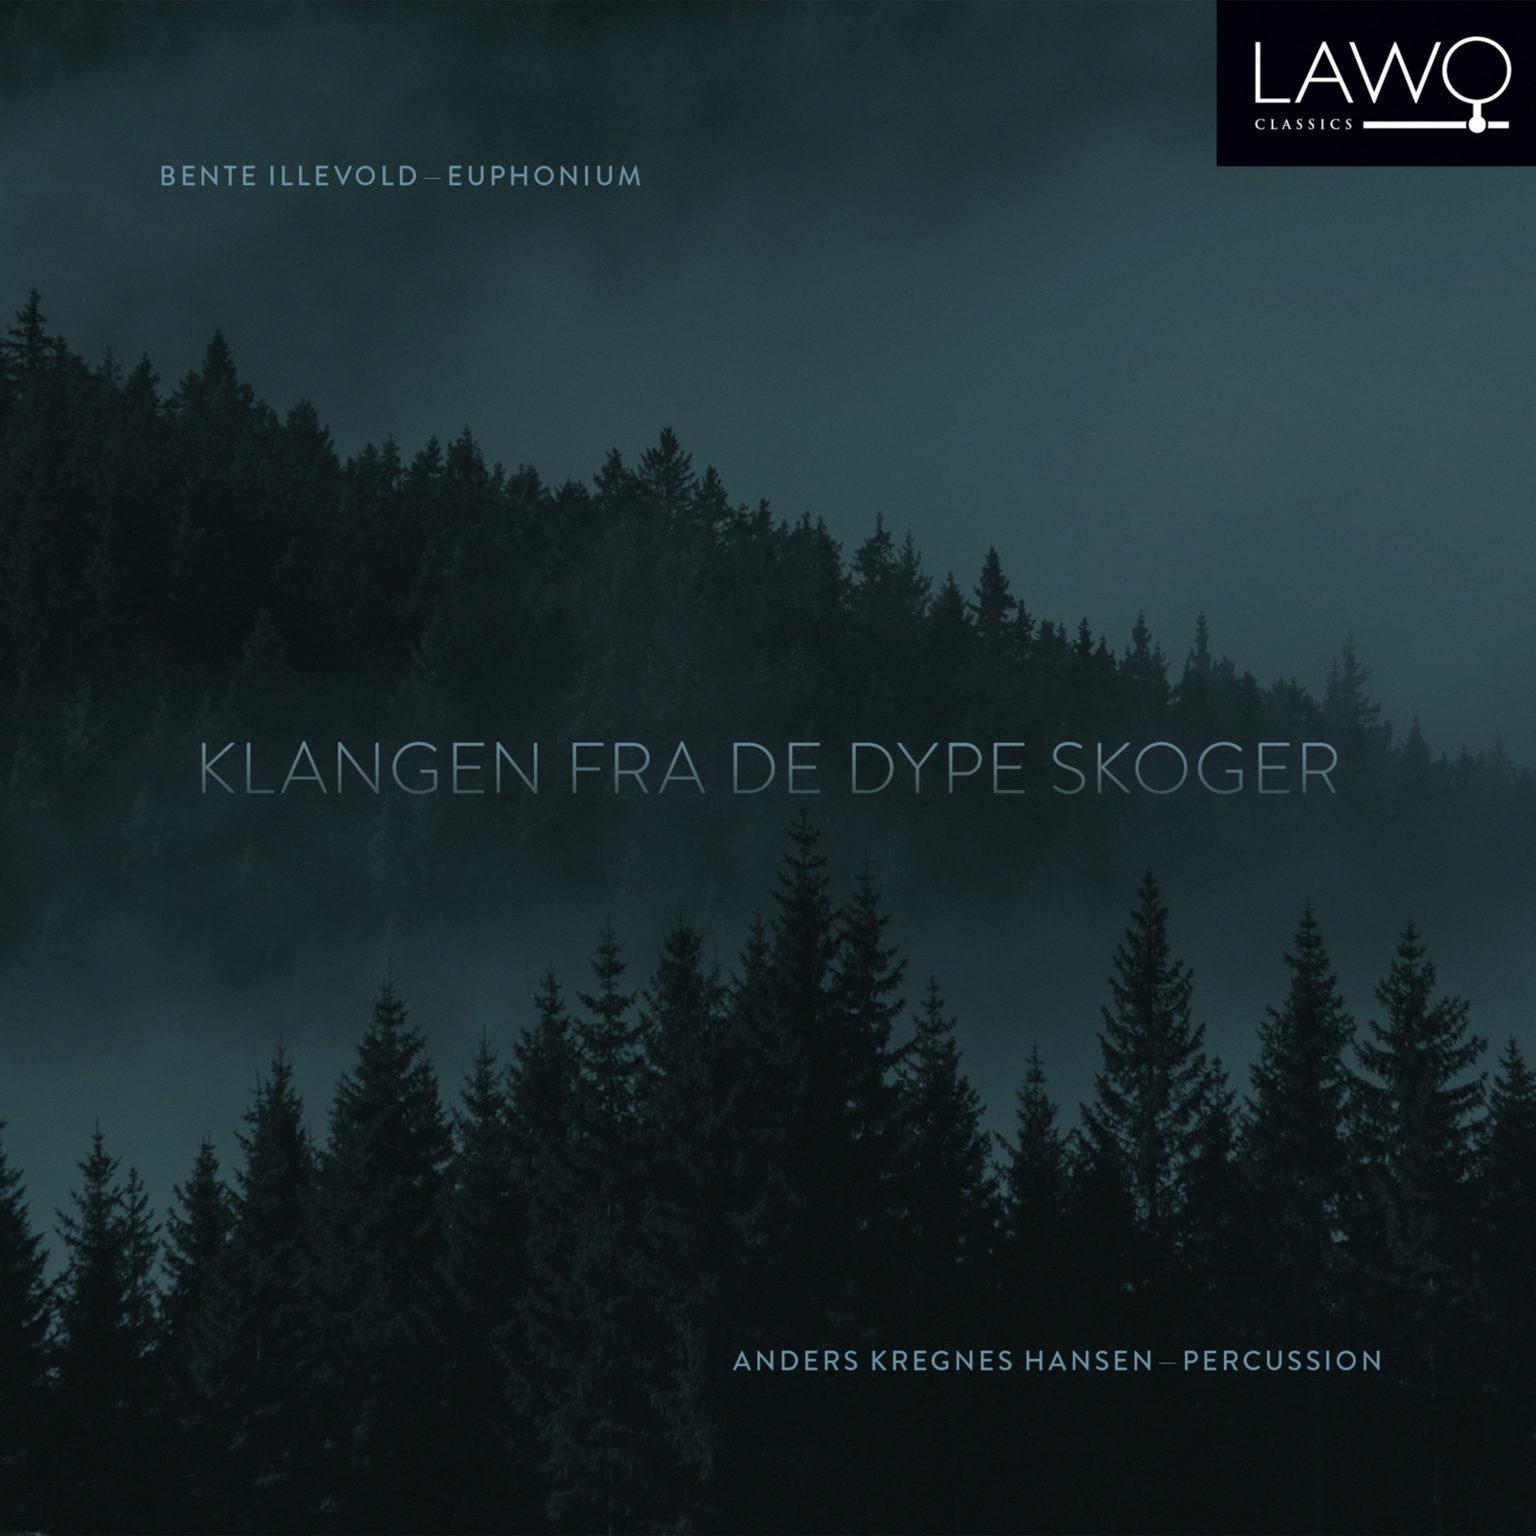 Click image for larger version.  Name:LWC1195_Bente_Illevold_Klangen_fra_de_dype_skoger_cover_3000x3000px-1536x1536.jpg Views:325 Size:174.8 KB ID:7720